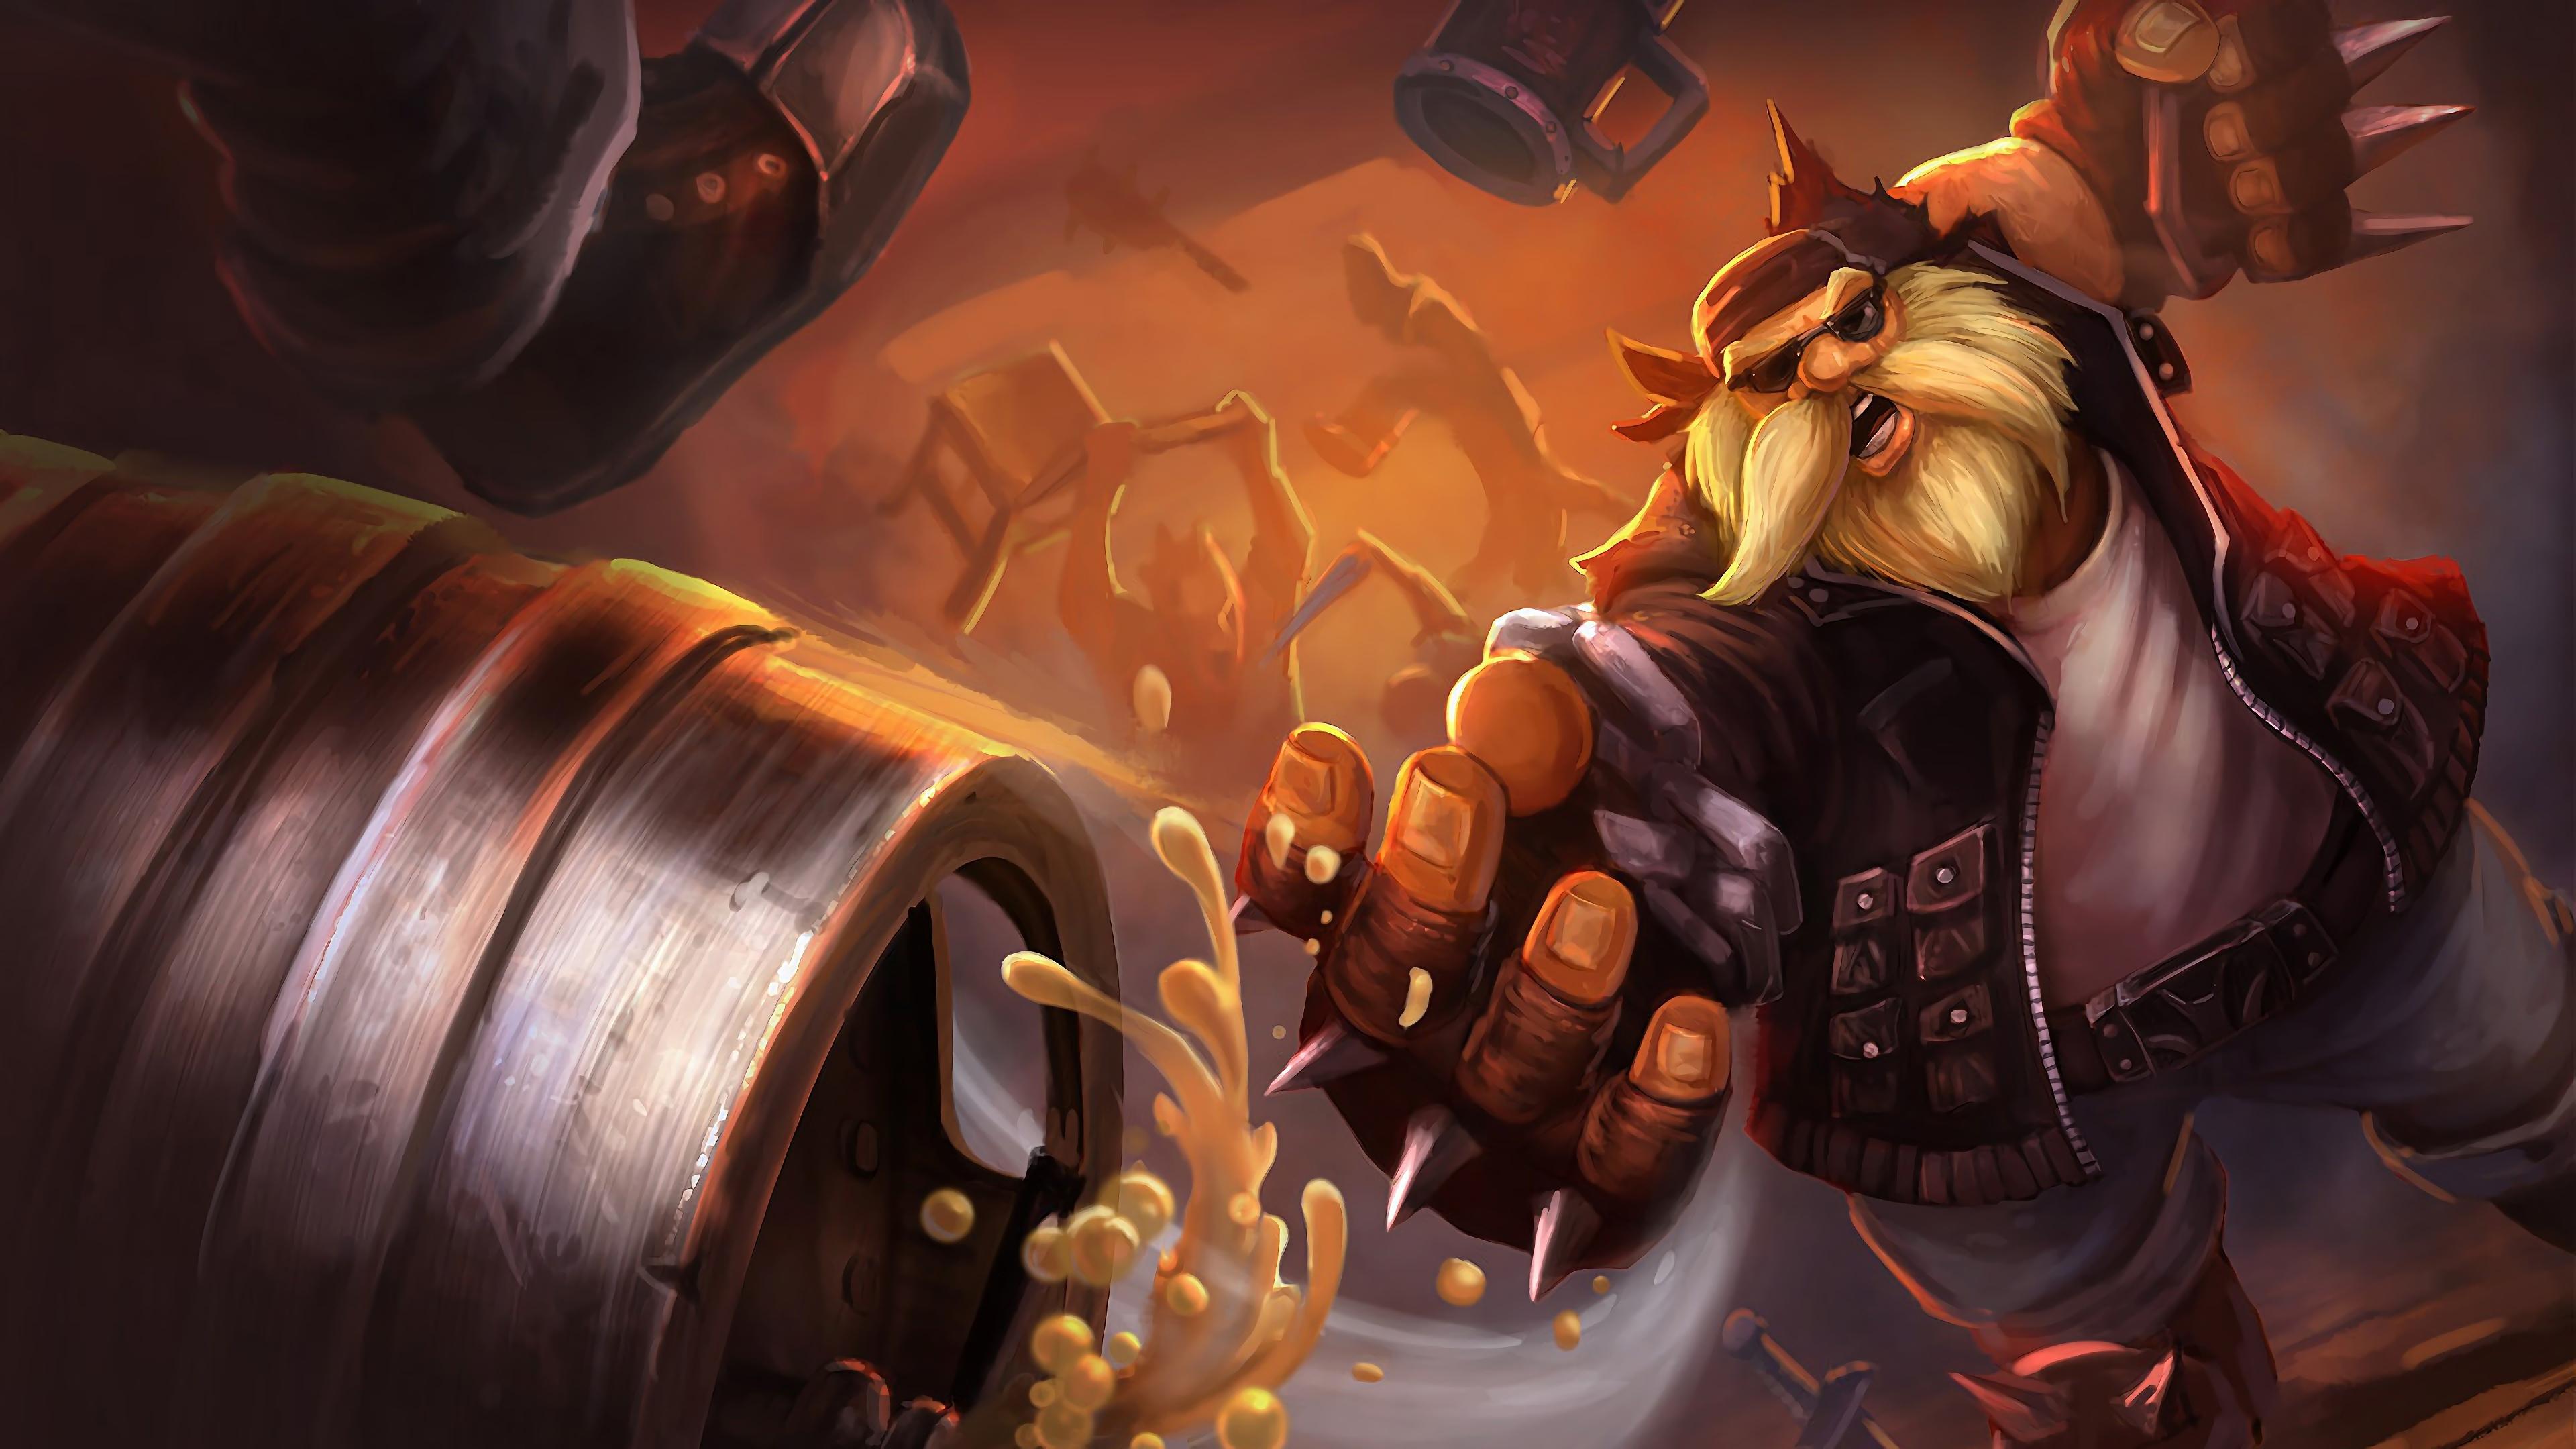 vandal gragas lol splash art league of legends 1574099204 - Vandal Gragas LoL Splash Art League of Legends - league of legends, Gragas